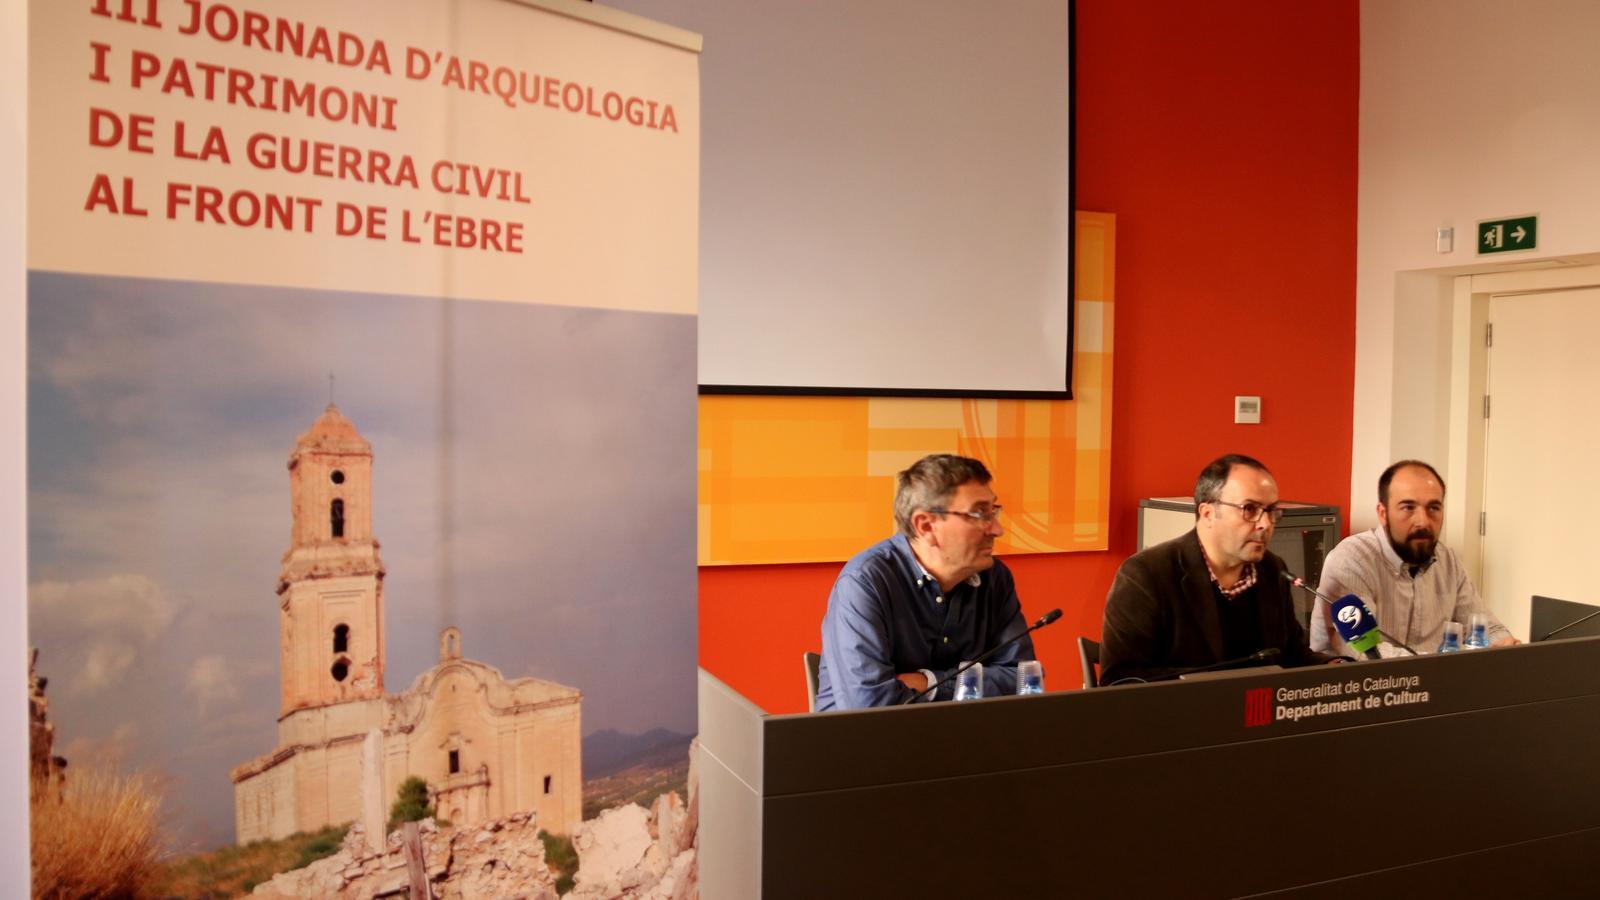 Presentació de la III Jornada d'Arqueologia i Patrimoni de la Guerra Civil al Front de l'Ebre